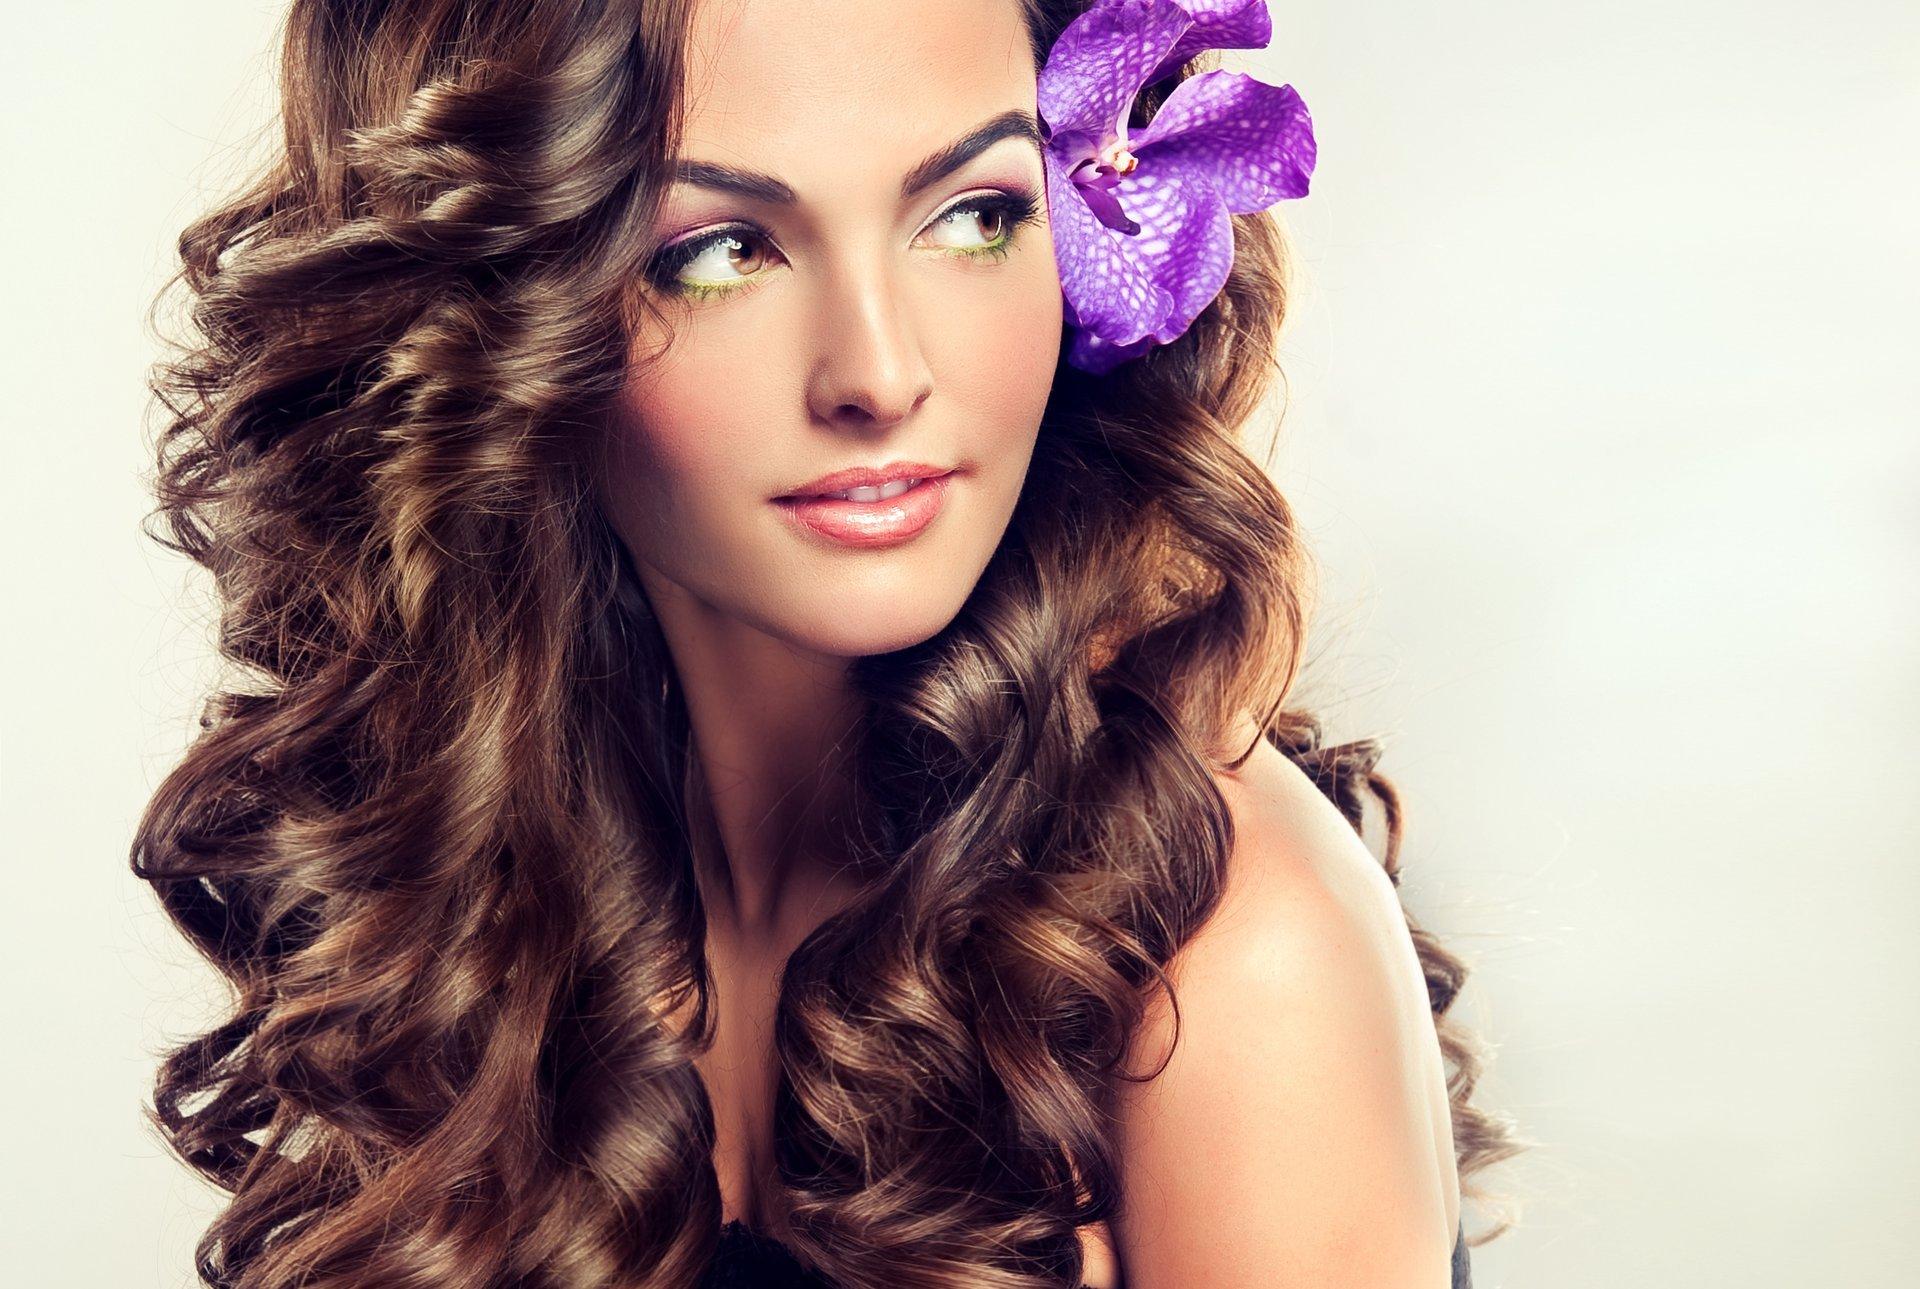 Девушка с макияжем и длинными волосами 71